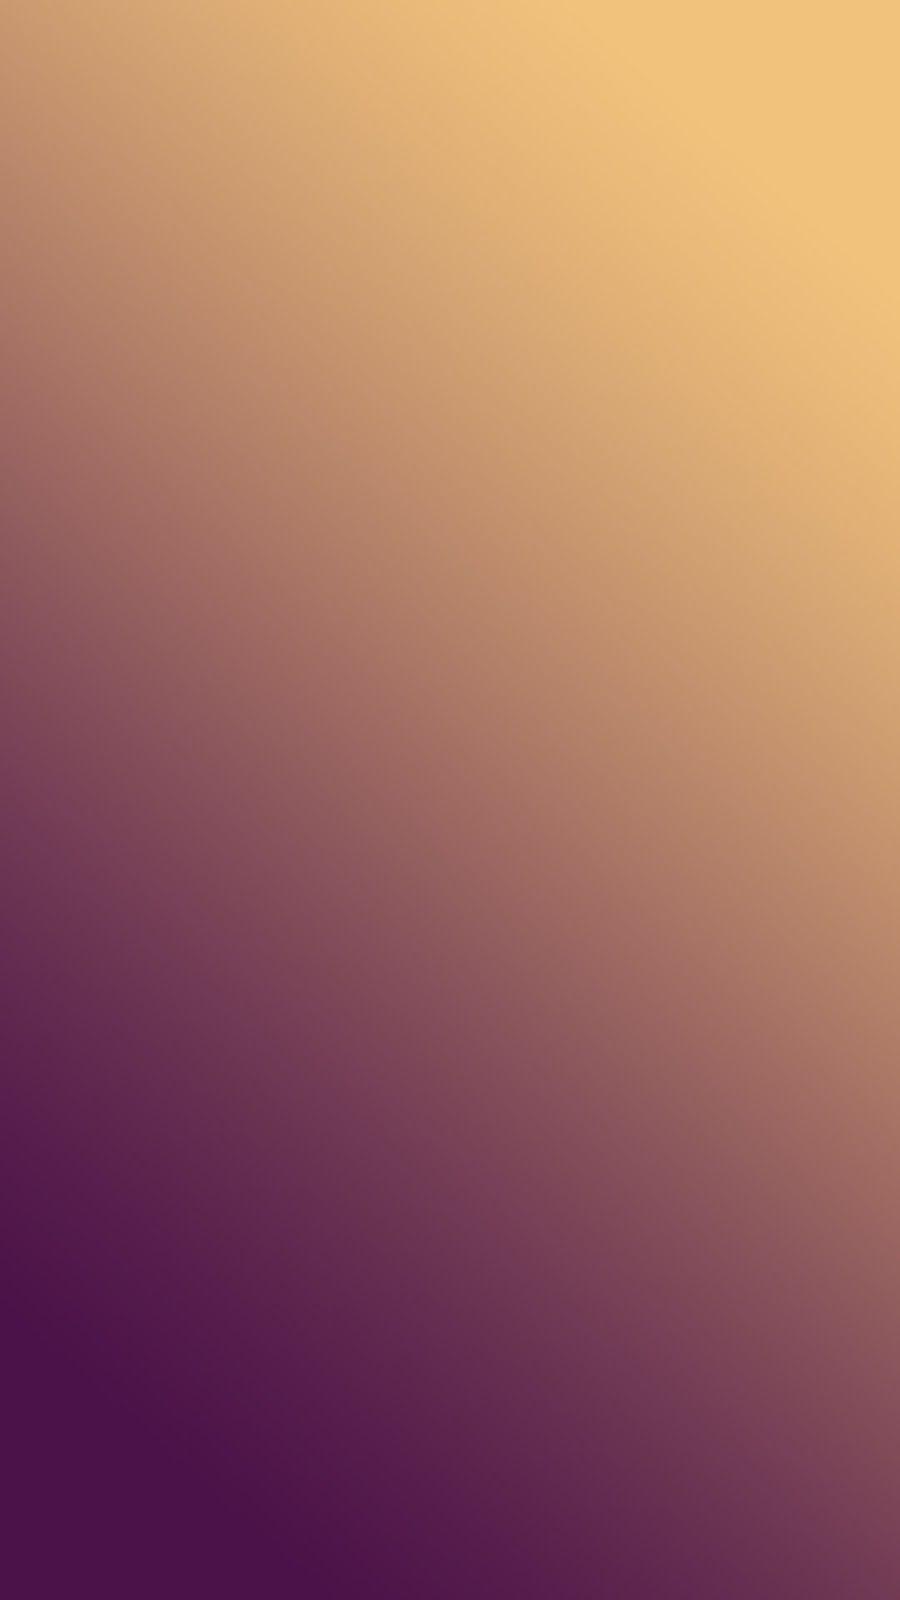 تحميل خلفيات ايفون 6 بلس الجديدة عالية الدقة مداد الجليد Rainbow Wallpaper Iphone Wallpaper Ipad Wallpaper